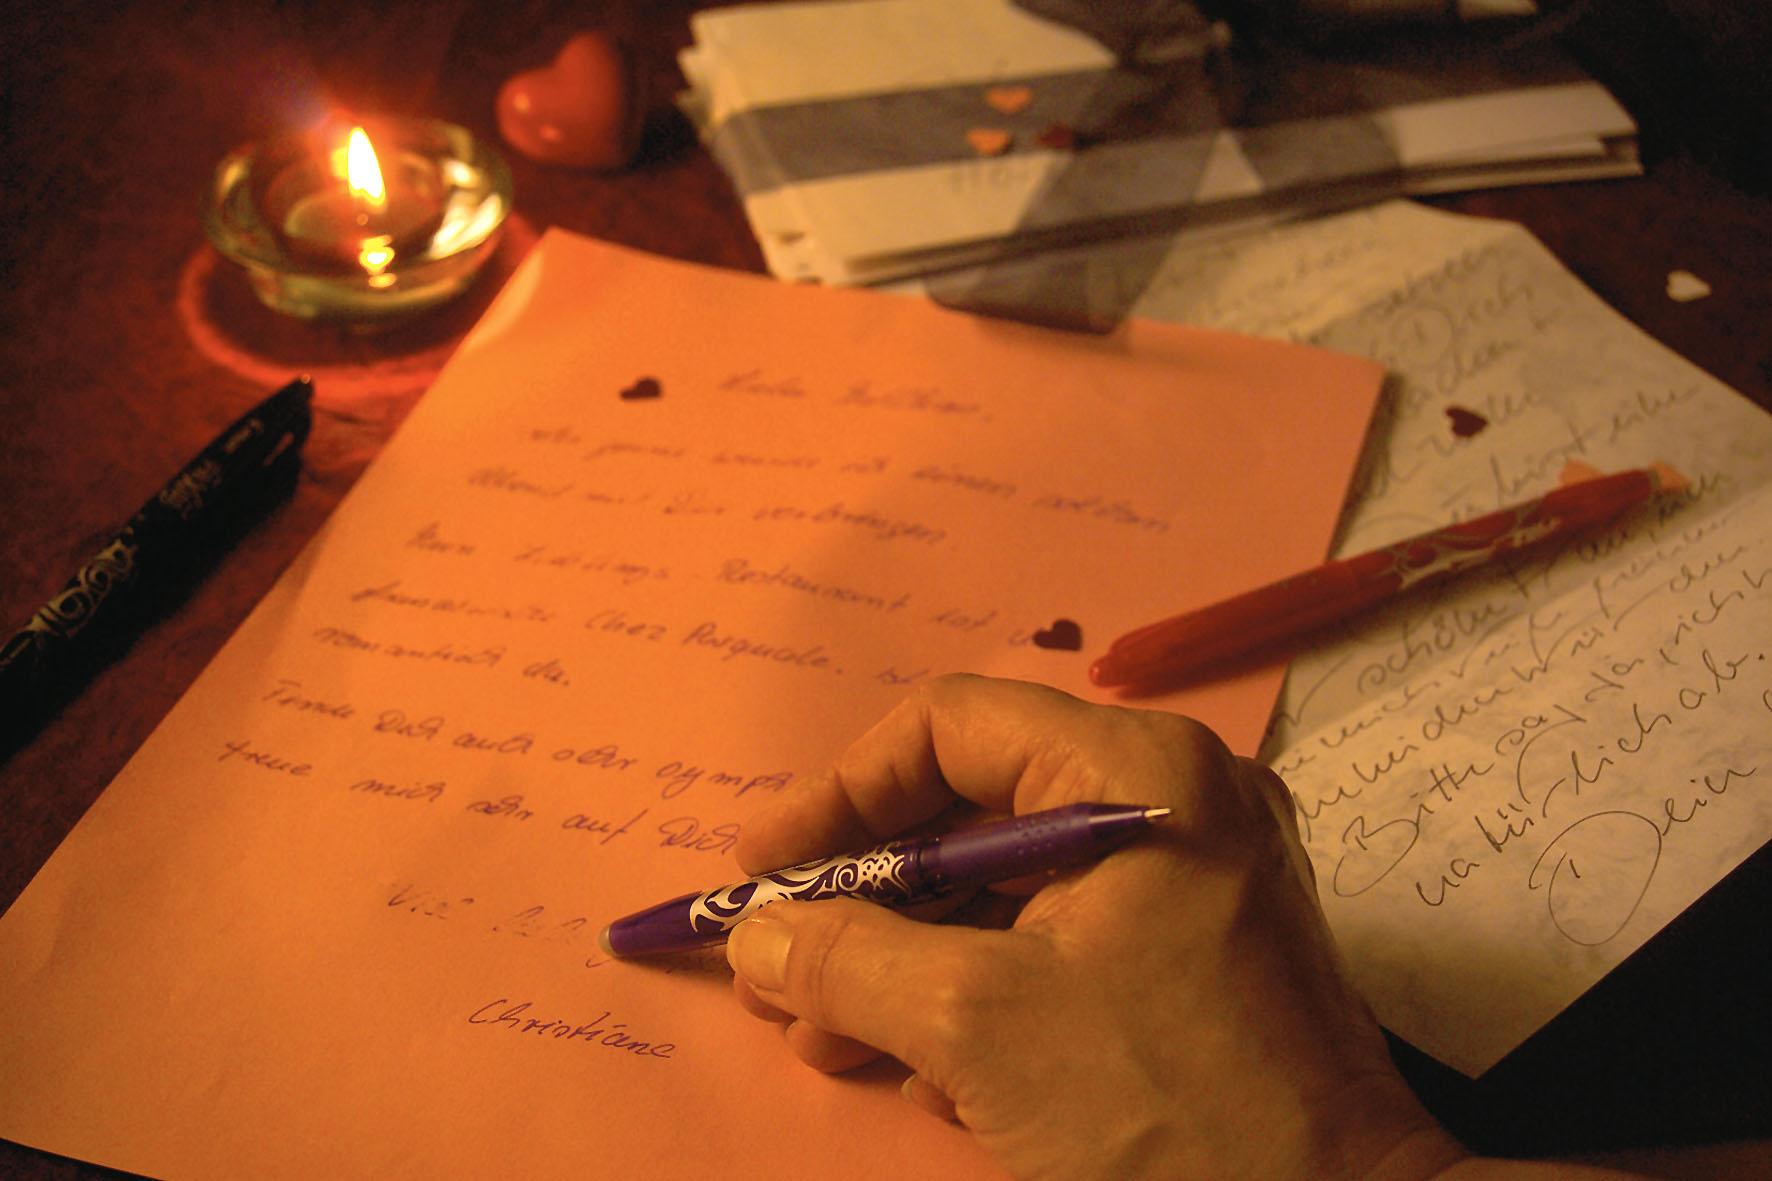 Briefe Mit Der Hand Schreiben : Persönliche zeilen schreibt man besser mit der hand